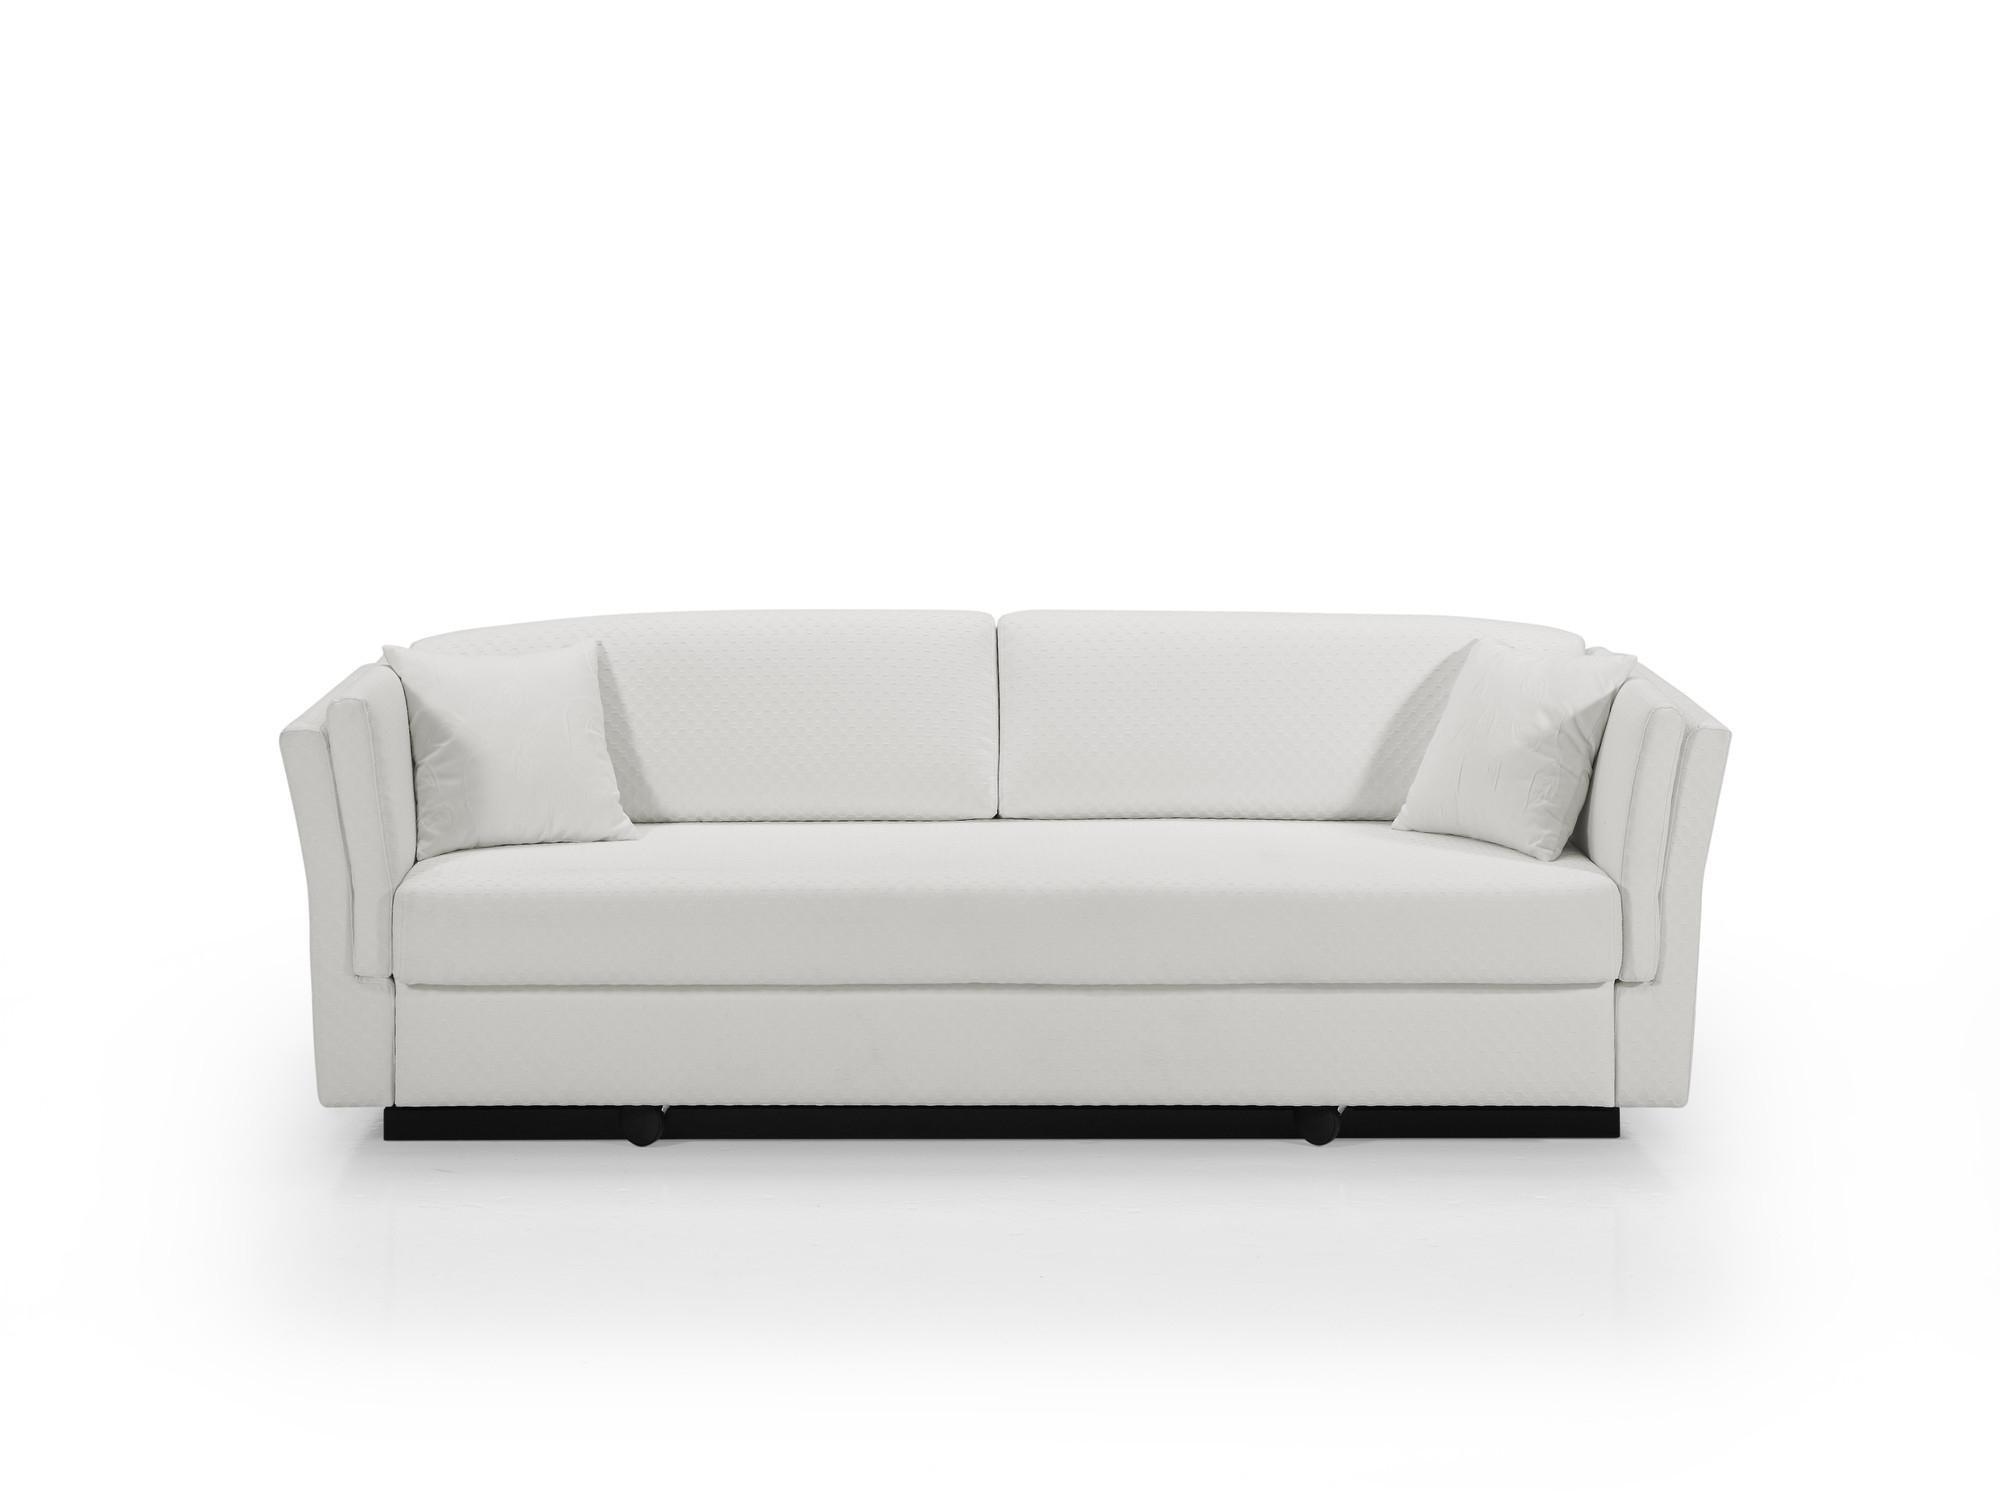 Canapé Velours Cotelé Ikea Frais Photos La Charmant Choisir Un Canapé Conception  Perfectionner La G Te